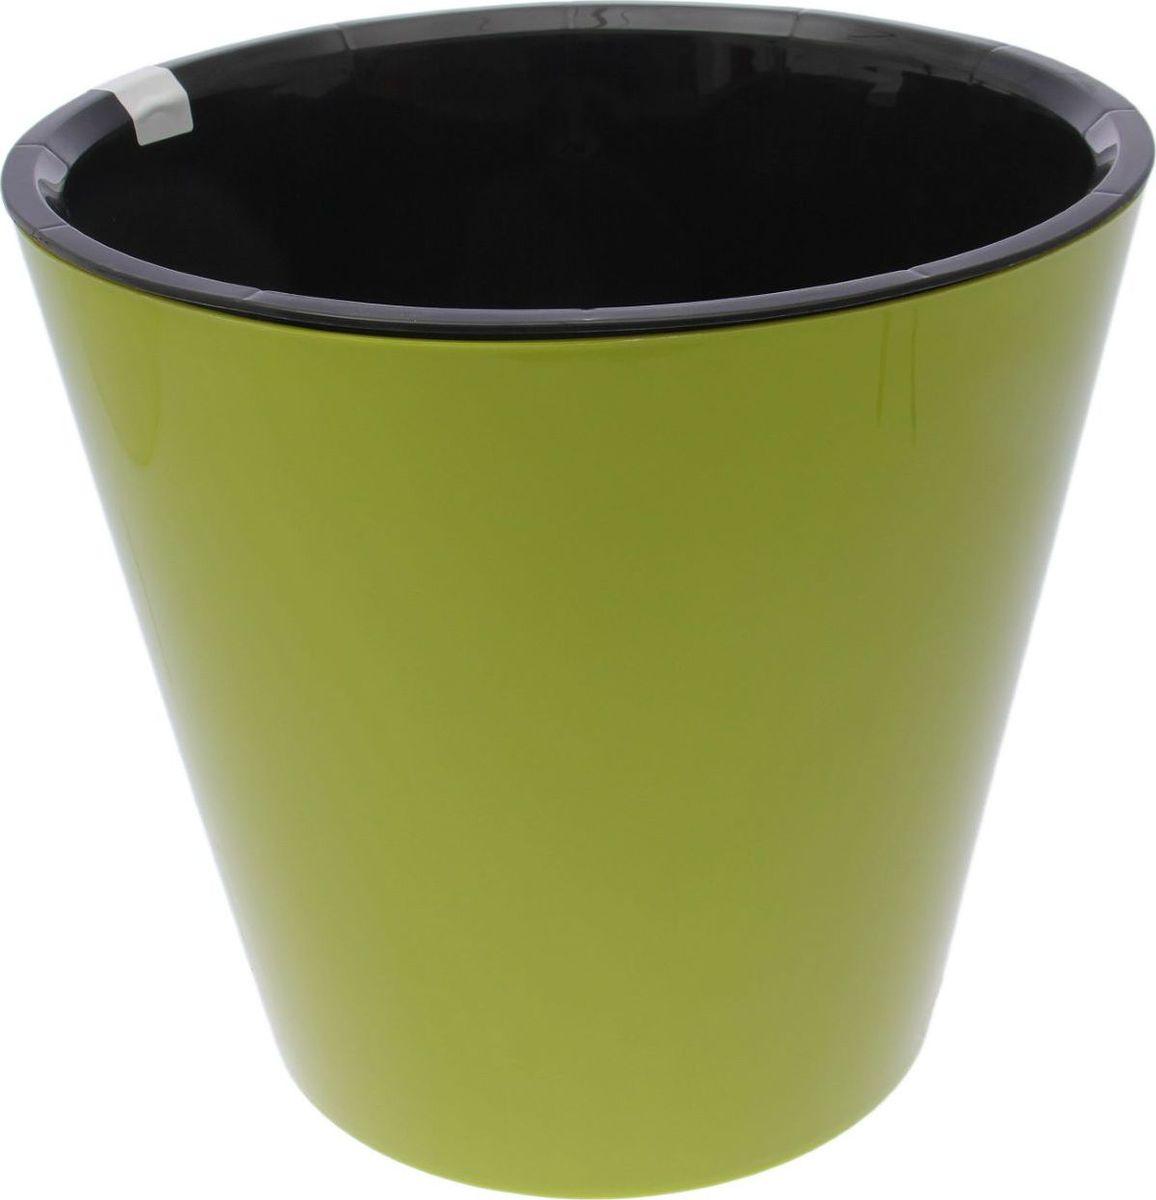 Горшок для цветов Фиджи, на колесиках, цвет: салатовый, 16 л2390611Любой, даже самый современный и продуманный интерьер будет незавершенным без растений. Они не только очищают воздух и насыщают его кислородом, но и украшают окружающее пространство. Такому полезному члену семьи просто необходим красивый и функциональный дом! Оптимальный выбор материала — пластмасса! Почему мы так считаем? Малый вес. С легкостью переносите горшки и кашпо с места на место, ставьте их на столики или полки, не беспокоясь о нагрузке. Простота ухода. Кашпо не нуждается в специальных условиях хранения. Его легко чистить — достаточно просто сполоснуть теплой водой. Никаких потертостей. Такие кашпо не царапают и не загрязняют поверхности, на которых стоят. Пластик дольше хранит влагу, а значит, растение реже нуждается в поливе. Пластмасса не пропускает воздух — корневой системе растения не грозят резкие перепады температур. Огромный выбор форм, декора и расцветок — вы без труда найдете что-то, что идеально впишется в уже существующий интерьер. Соблюдая нехитрые правила ухода, вы можете заметно продлить срок службы горшков и кашпо из пластика: всегда учитывайте размер кроны и корневой системы (при разрастании большое растение способно повредить маленький горшок) берегите изделие от воздействия прямых солнечных лучей, чтобы горшки не выцветали держите кашпо из пластика подальше от нагревающихся поверхностей. Создавайте прекрасные цветочные композиции, выращивайте рассаду или необычные растения.